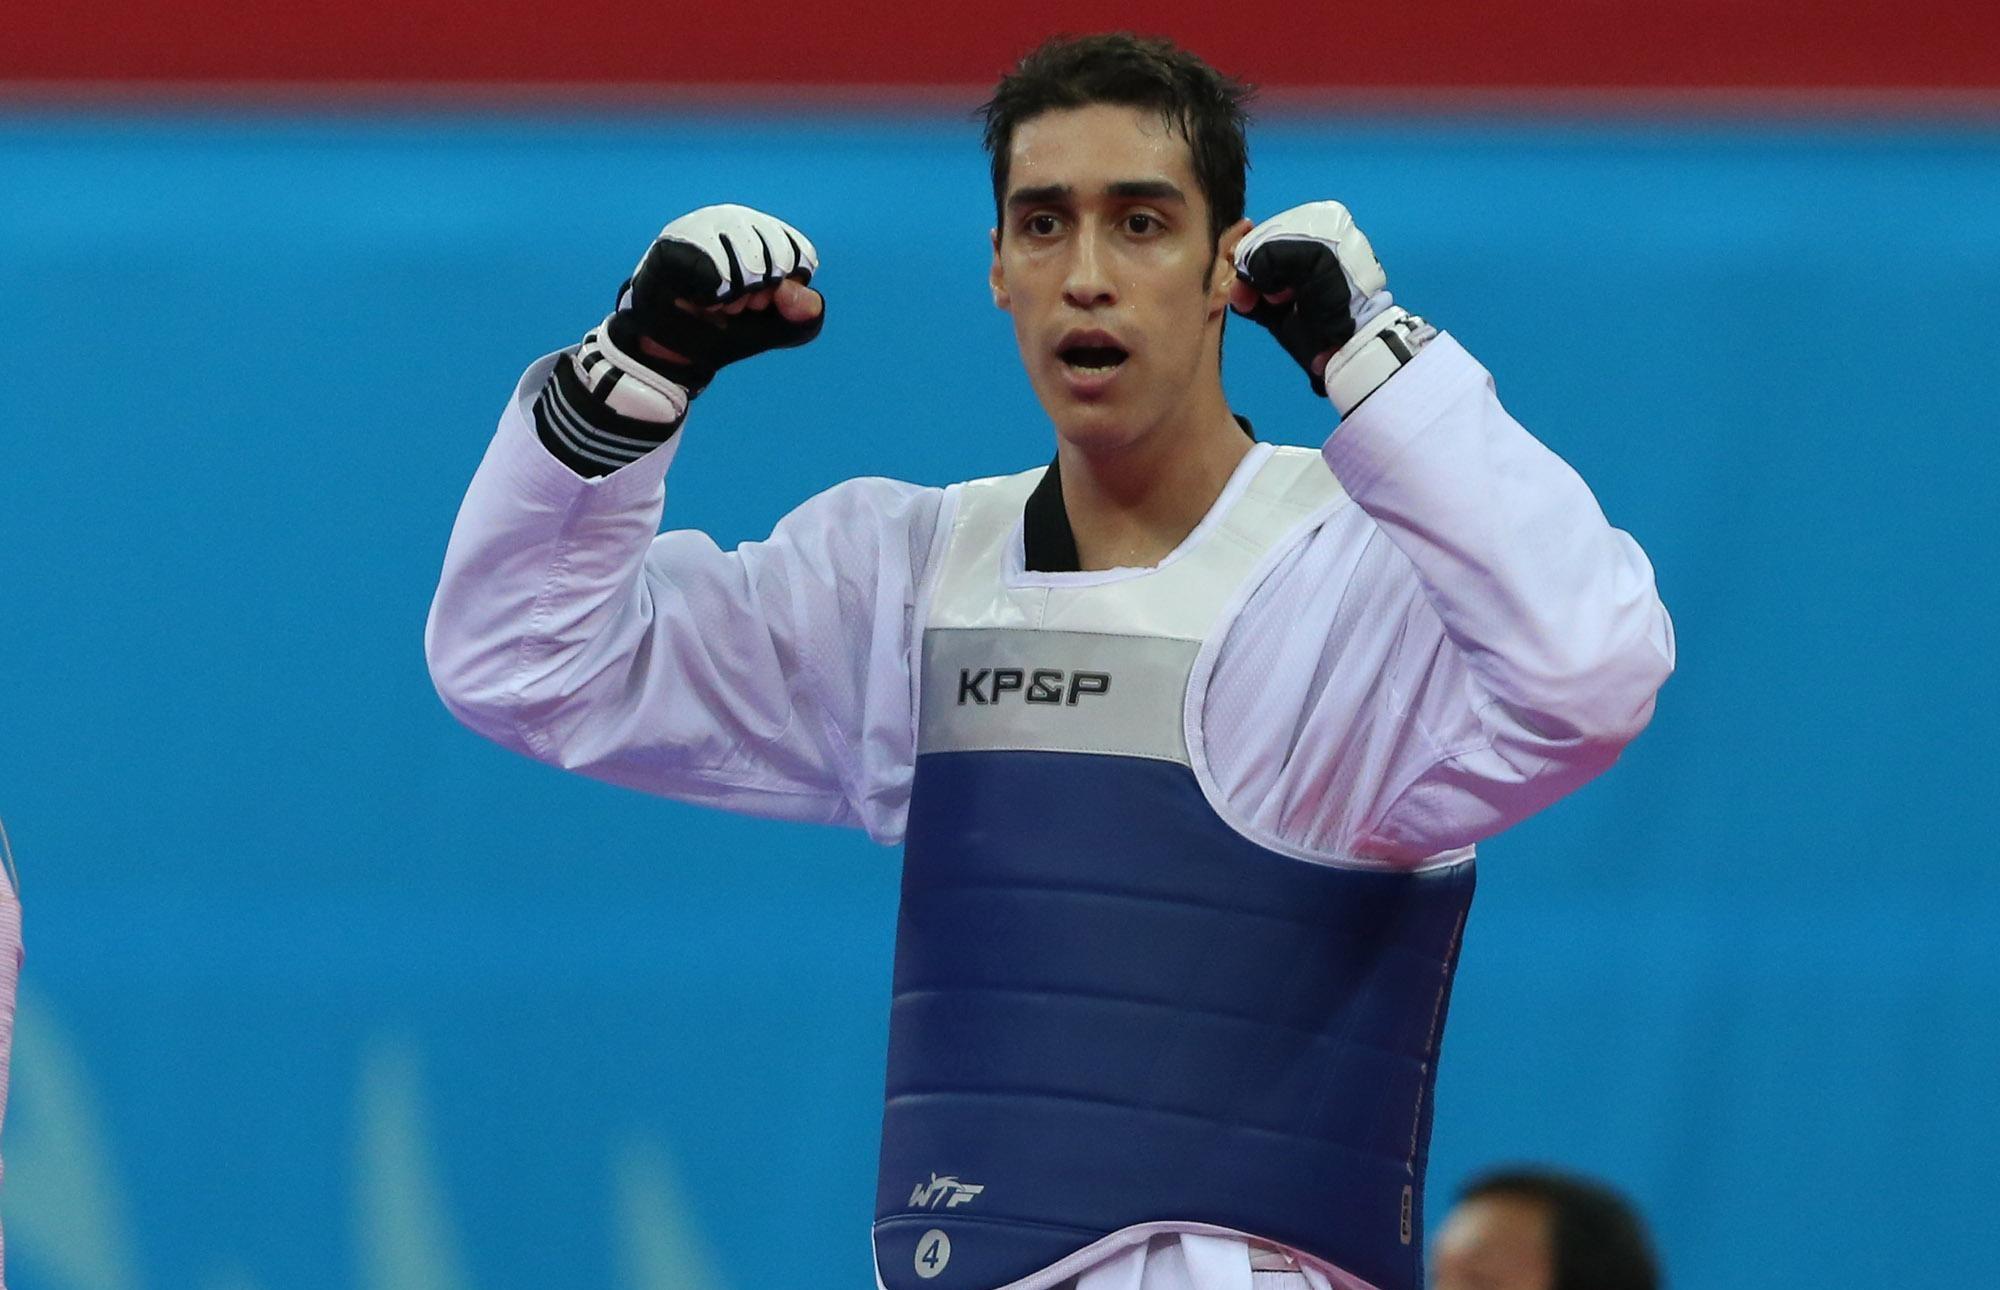 تکواندو-تکواندو ایران-Taekwondo-iran Taekwondo